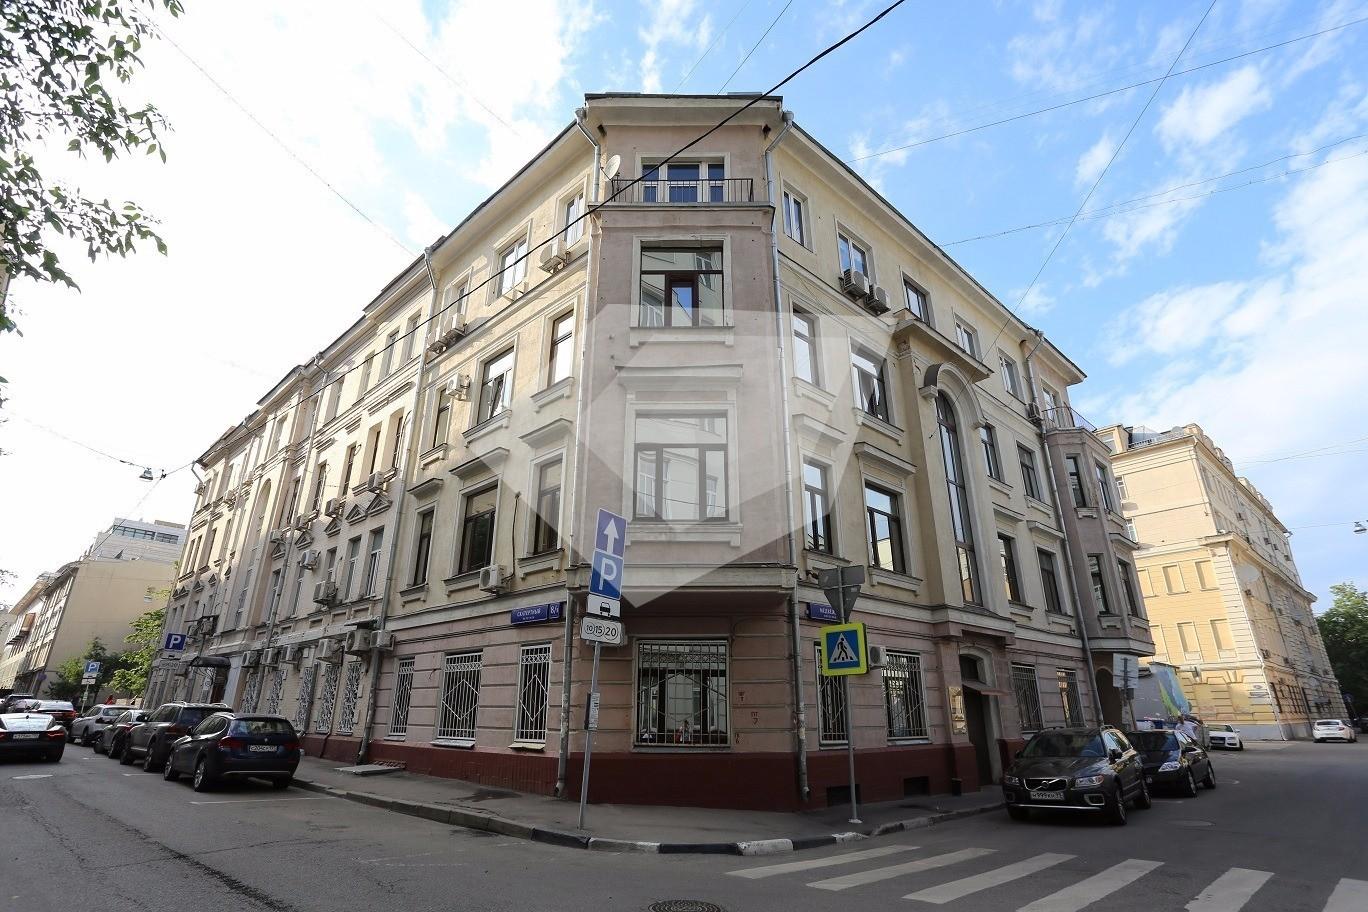 Аренда офиса скатертный переулок дом 8 коммерческая недвижимость в болгарии варна